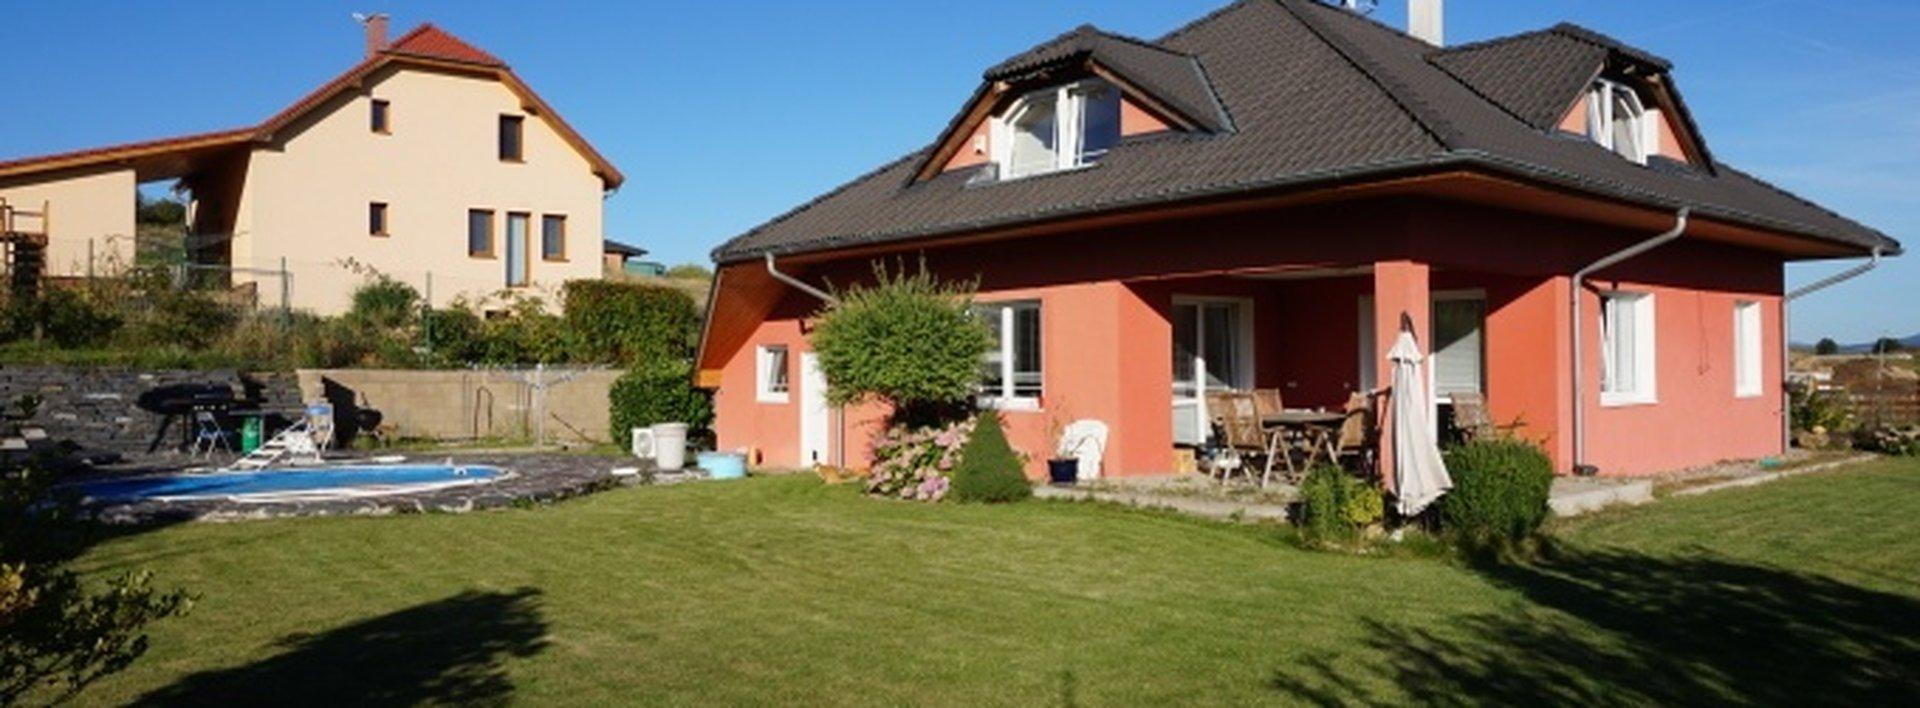 Prodej, Rodinný dům s garáží, bazénem a zahradou, 1057 m2, Kladruby., Ev.č.: N47819